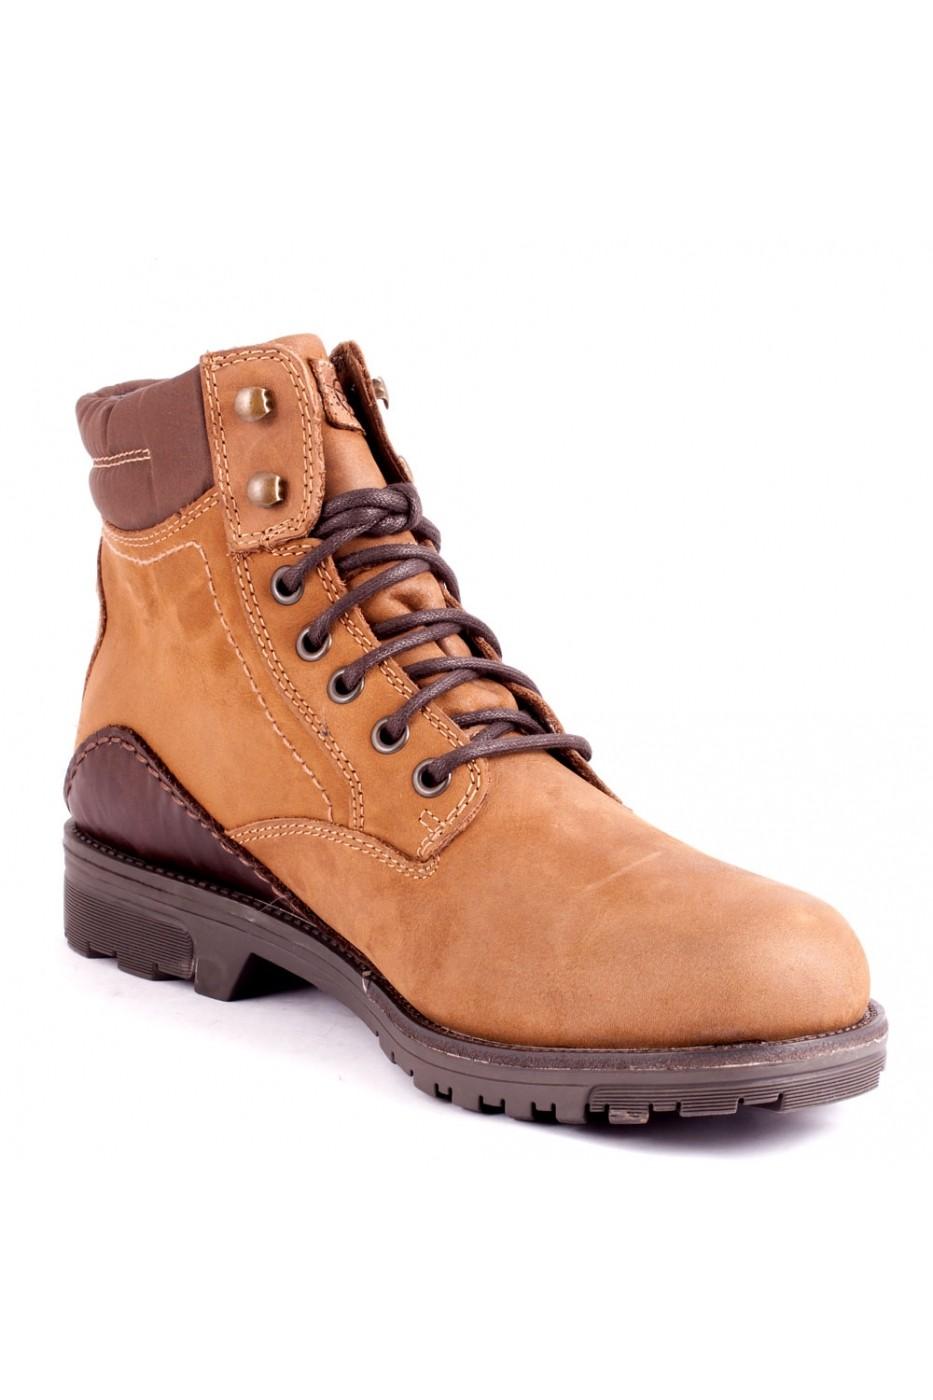 a3593961e55e Bussola Téli cipő-bakancs BORN20112BK3W12059 - FashionUP!